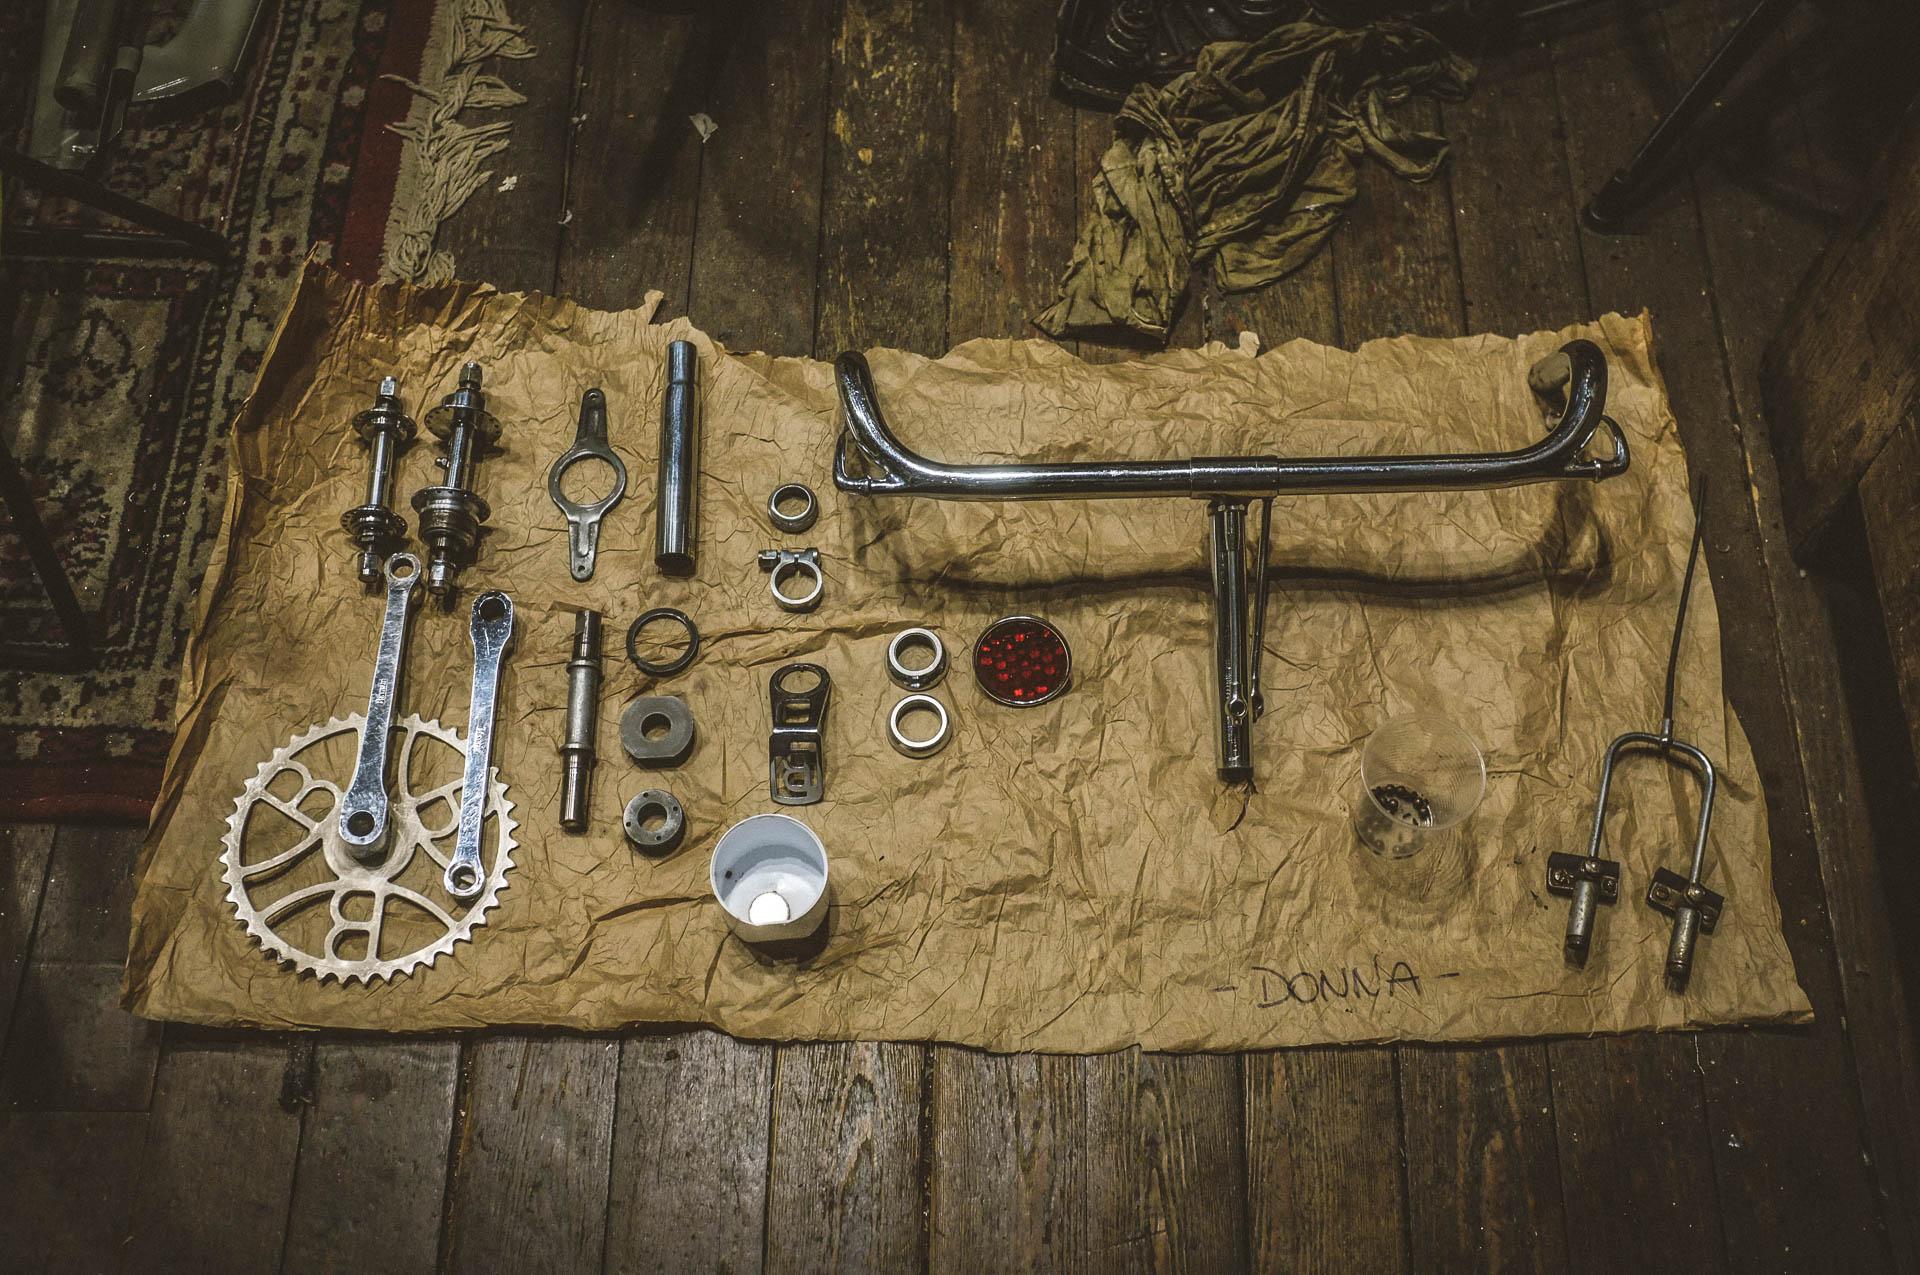 restauro bicicletta donna negozio circus (restauro bici)